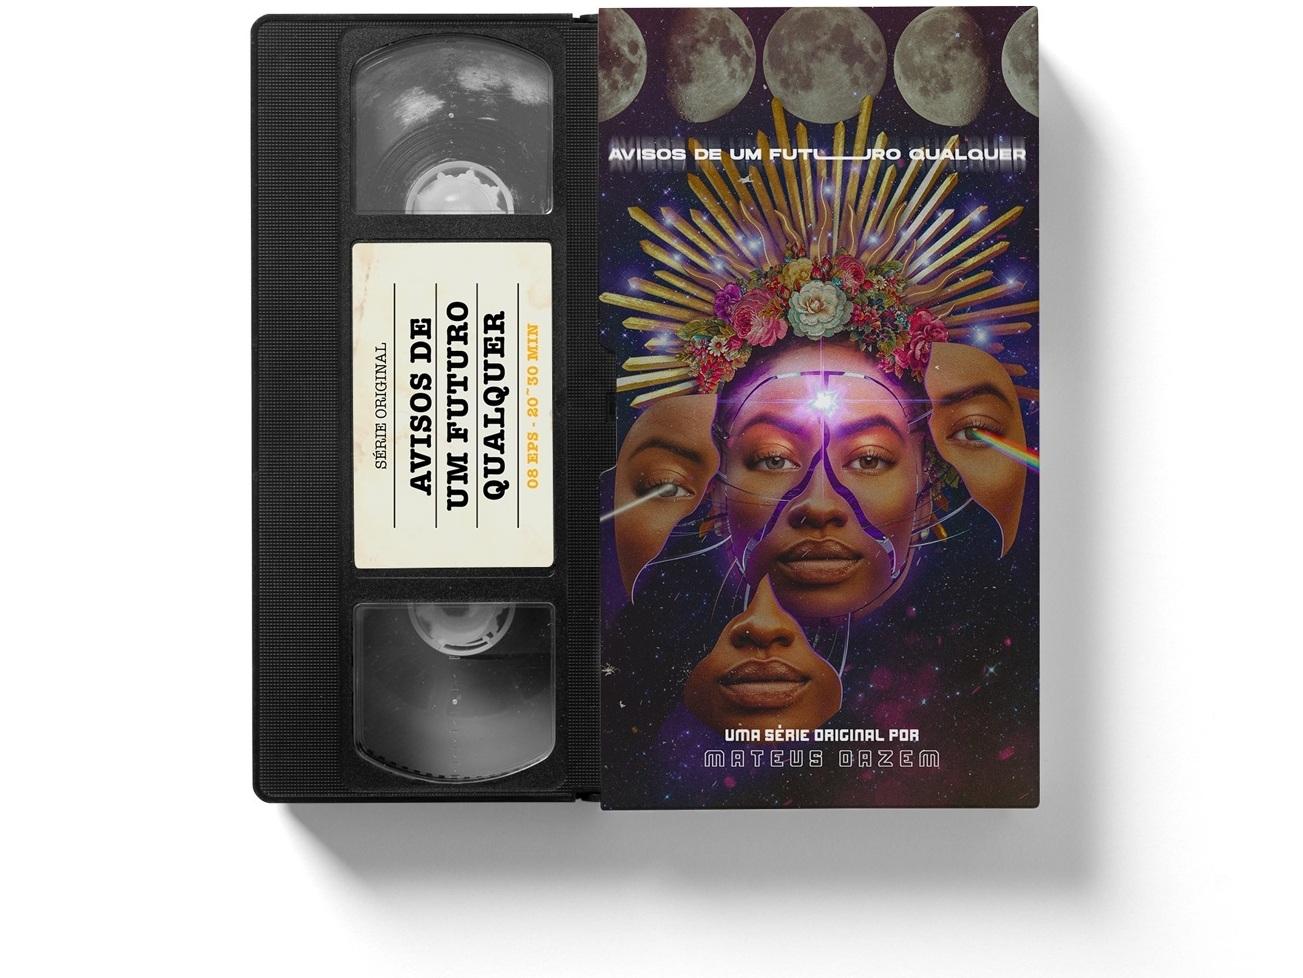 VHS-Mockup-avisos.jpg